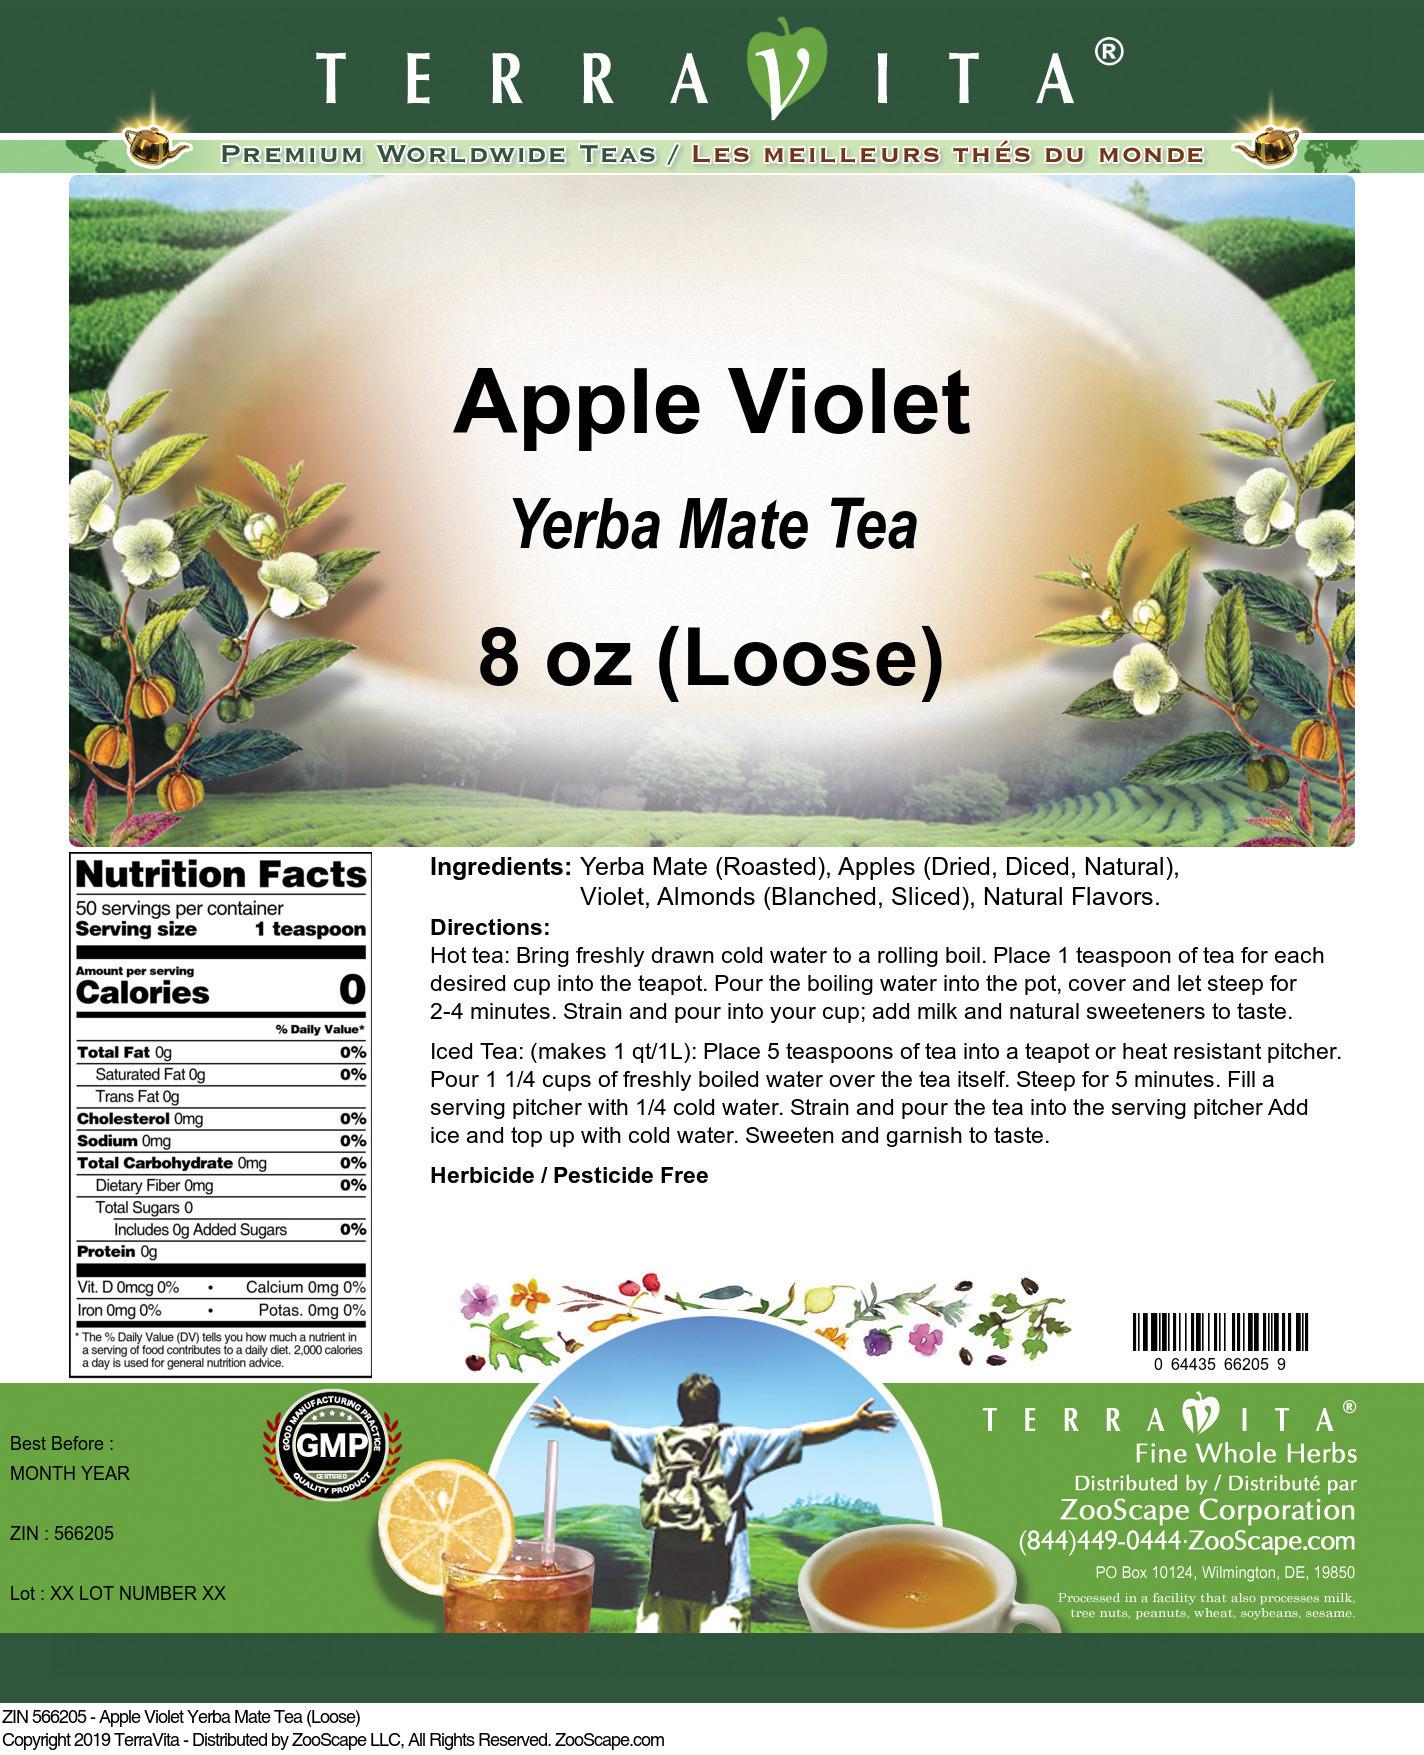 Apple Violet Yerba Mate Tea (Loose)